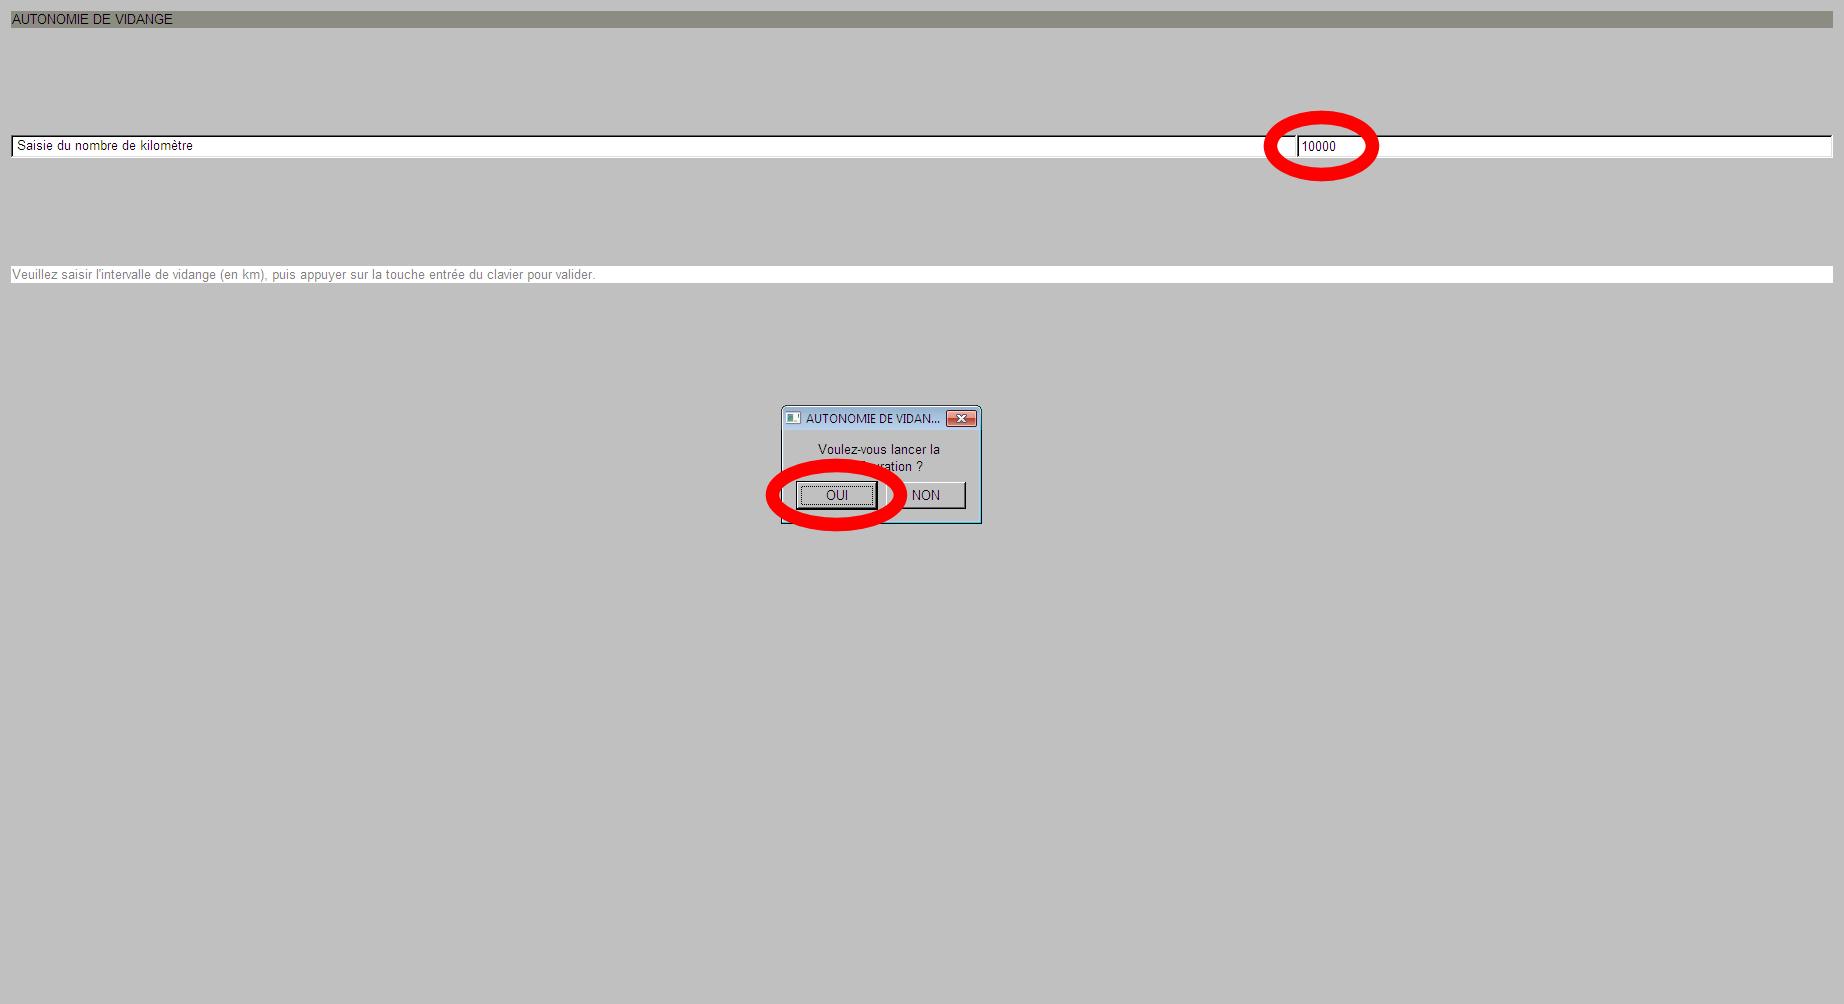 Modif sur intervalle de vidange Autonomie_Vidange-02